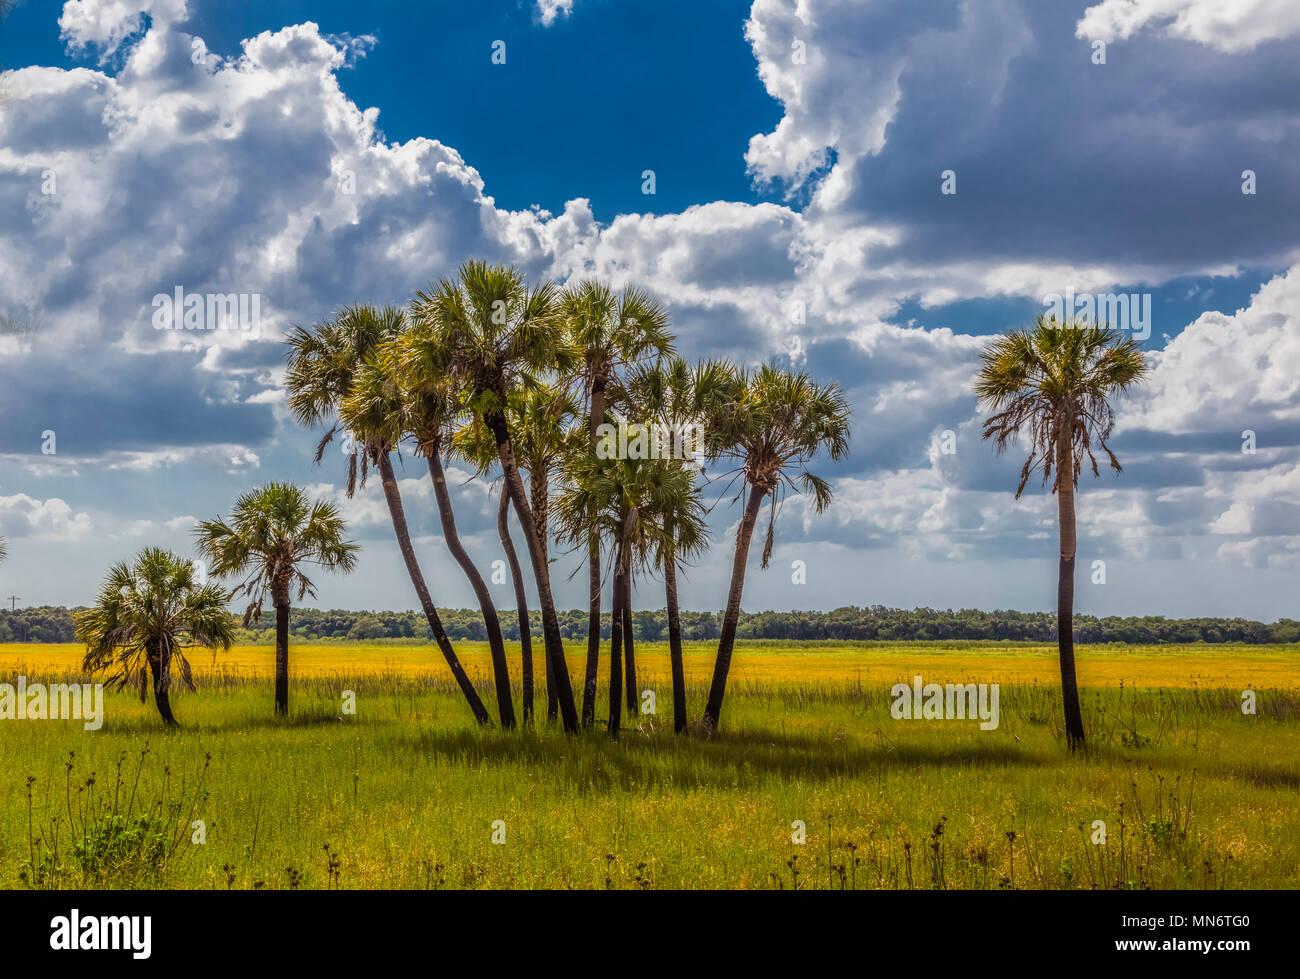 Kohl Palmen mit der gelben Florida Veilchen (Coreopsis floridana) in voller Blüte im Myakka River State Park Sarasota Florida Stockbild